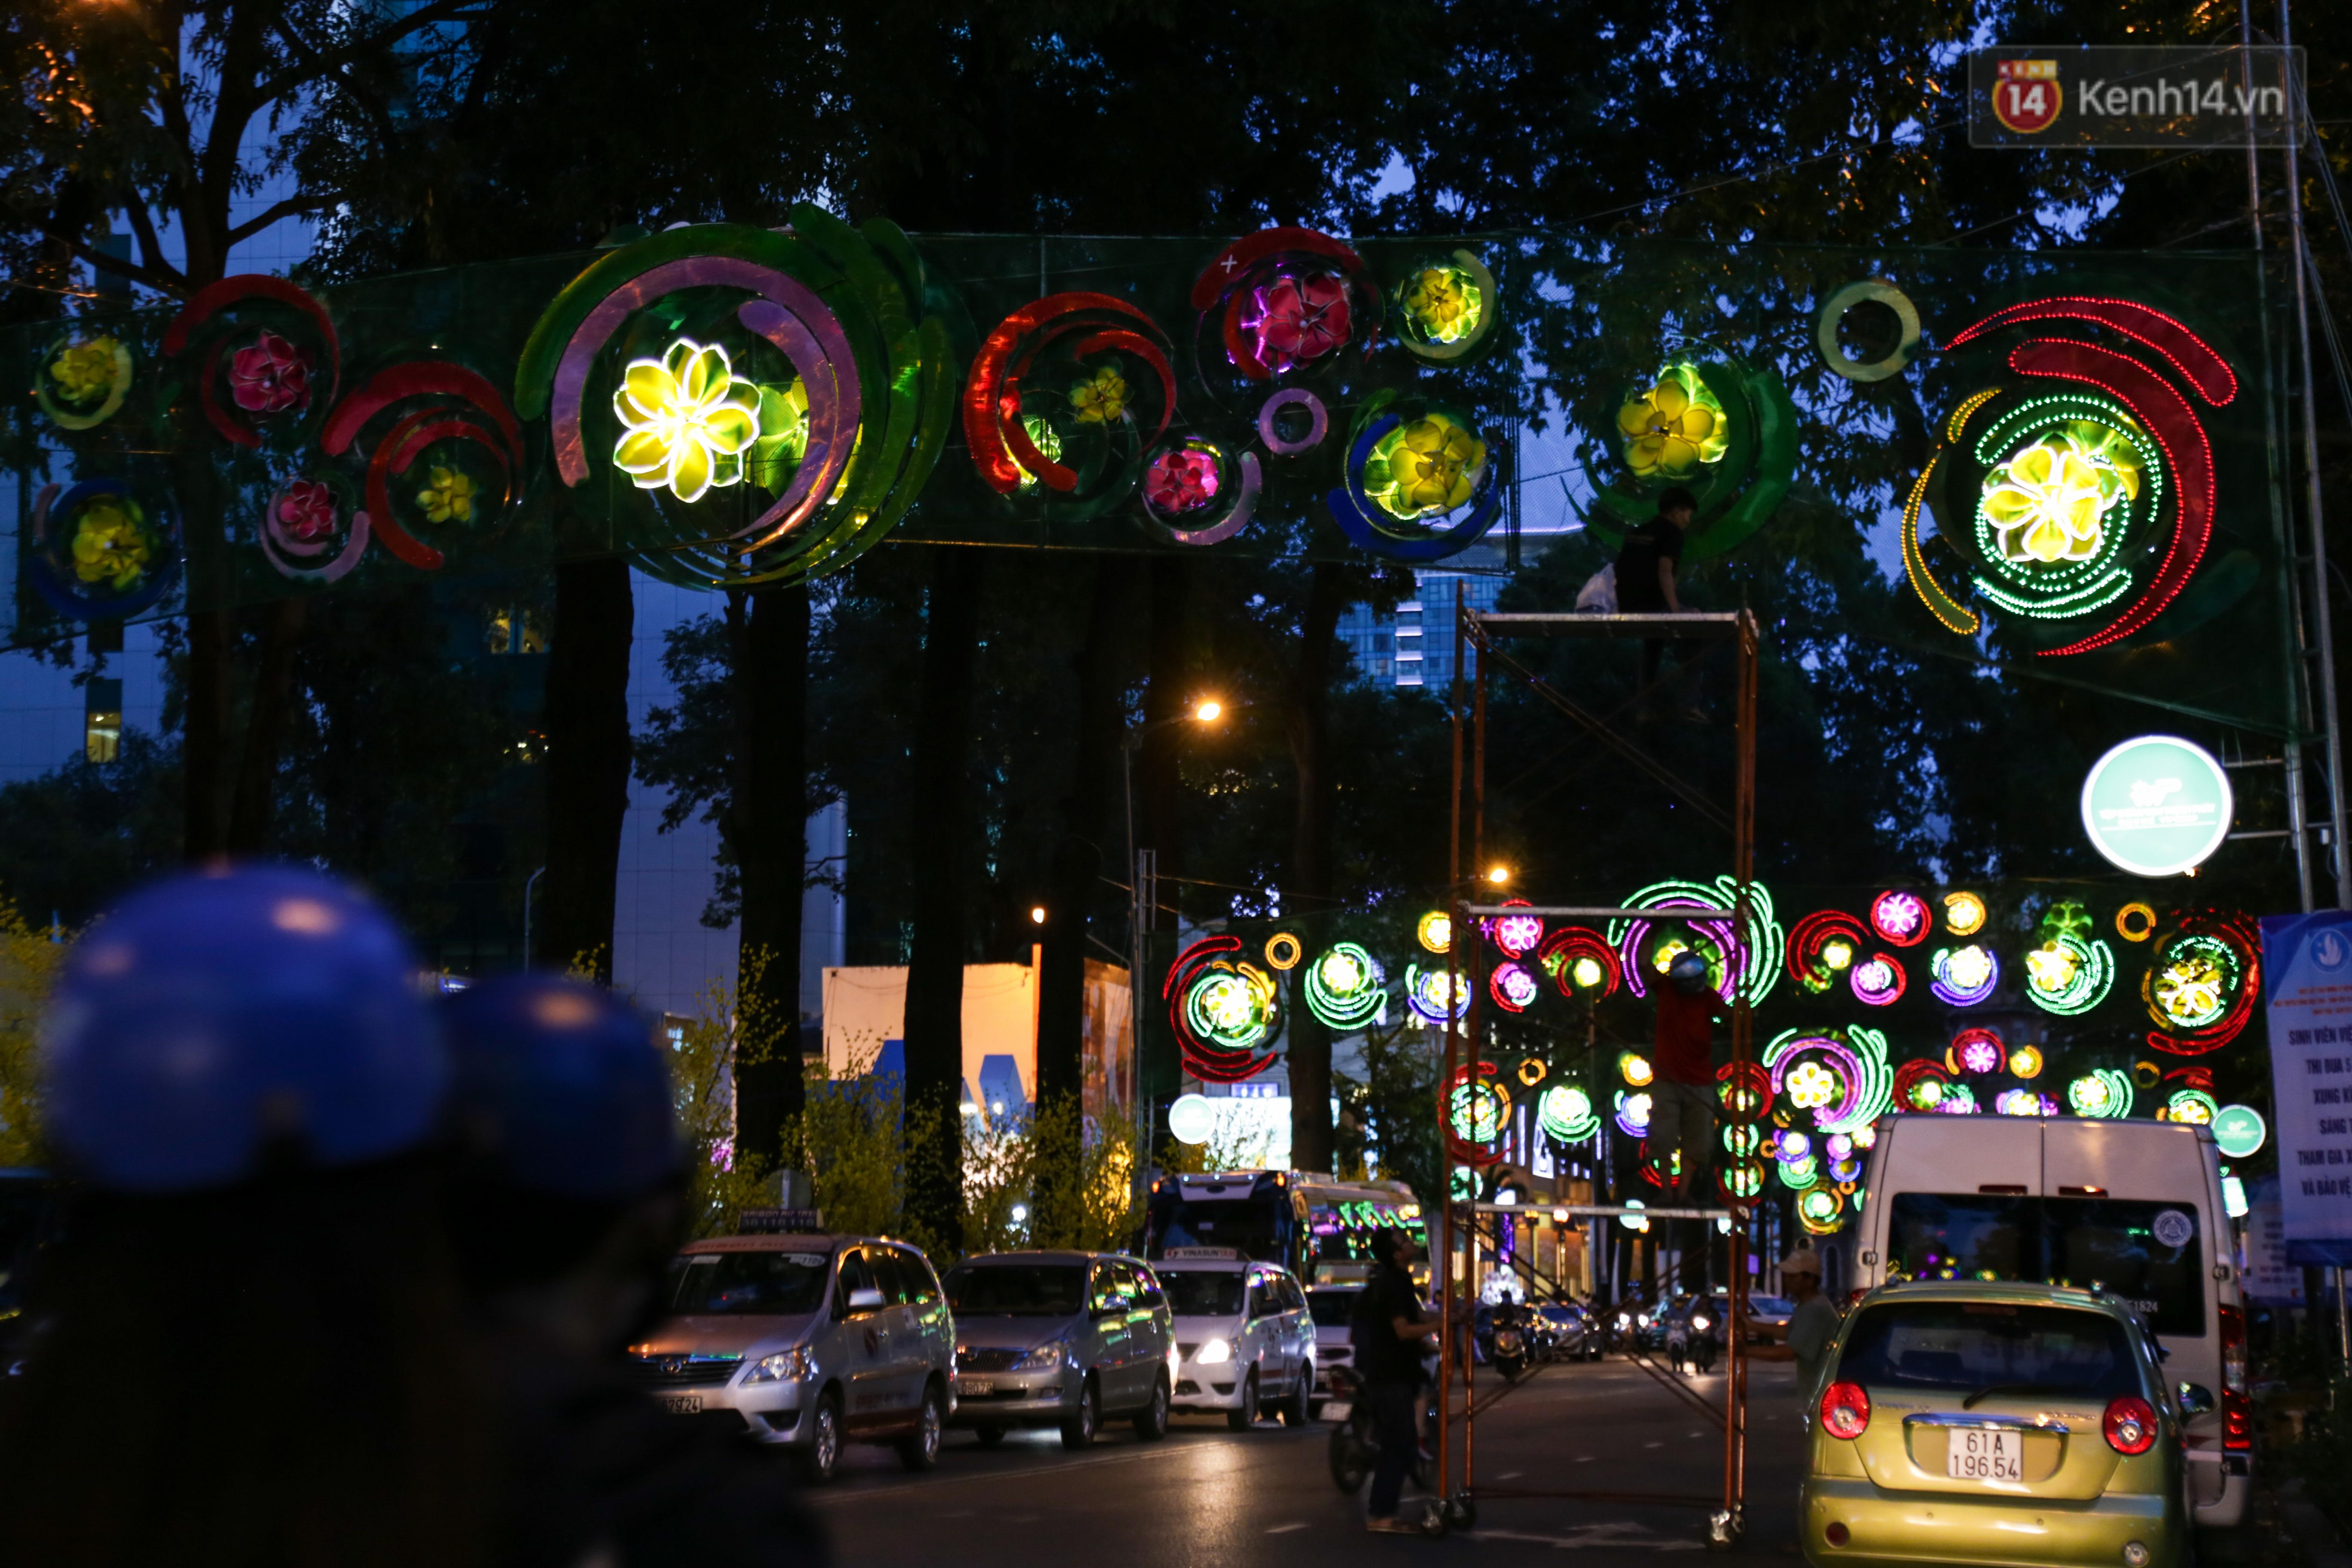 Đèn trang trí Tết trên đường Phạm Ngọc Thạch được chỉnh sửa sau khi người dân chê xấu - Ảnh 12.